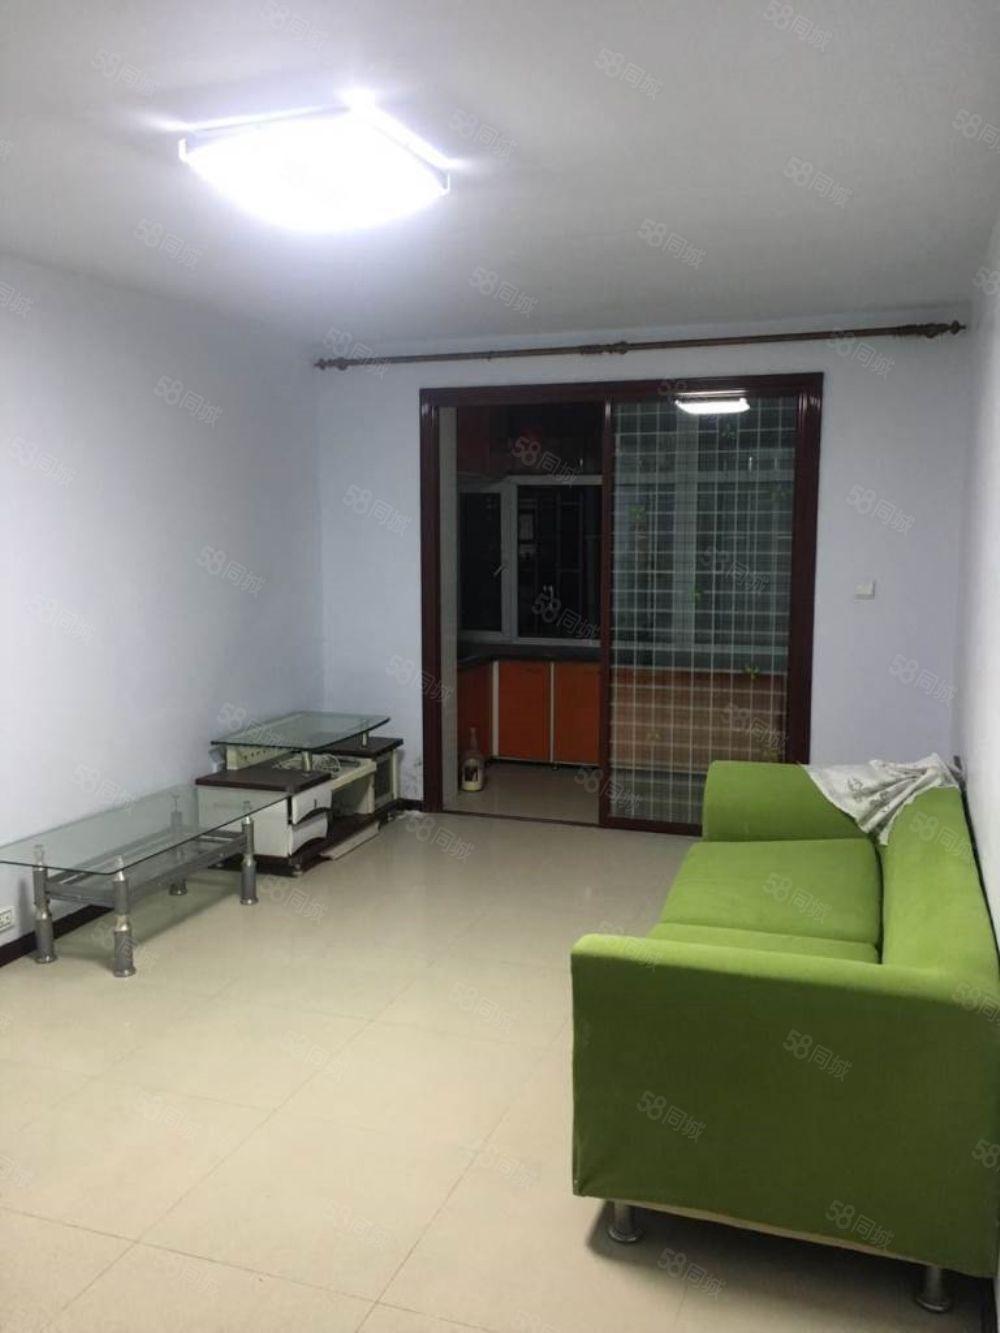 盛达一期1楼81平南北装完没住带地下室11平